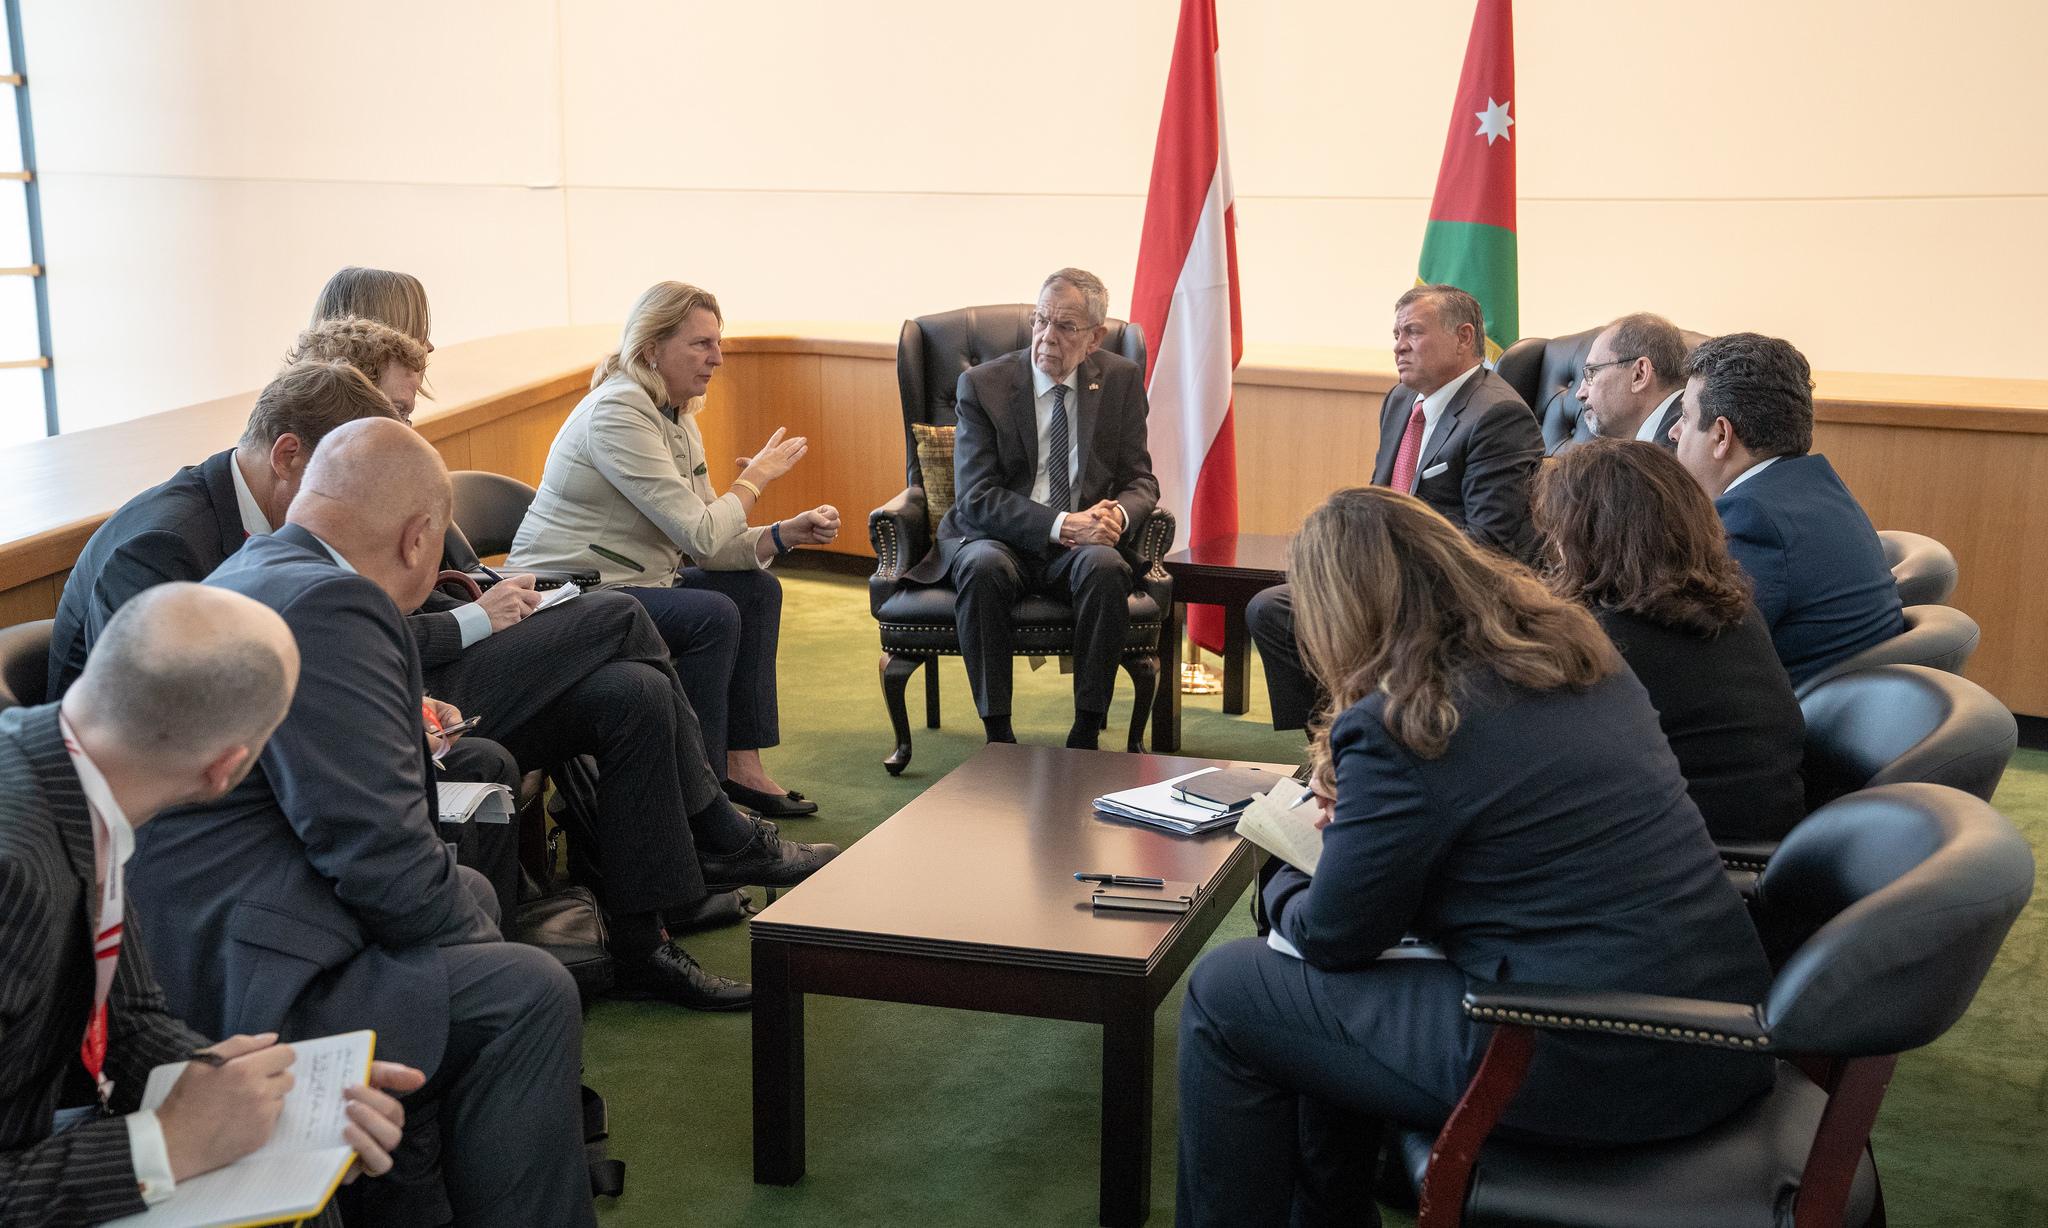 Foreign Minister Karin Kneissl an Federal President Alexander Van der Bellen meeting with Jordan's King Abdullah II bin Al Hussein (c) Austrian Ministry of Foreign Affairs